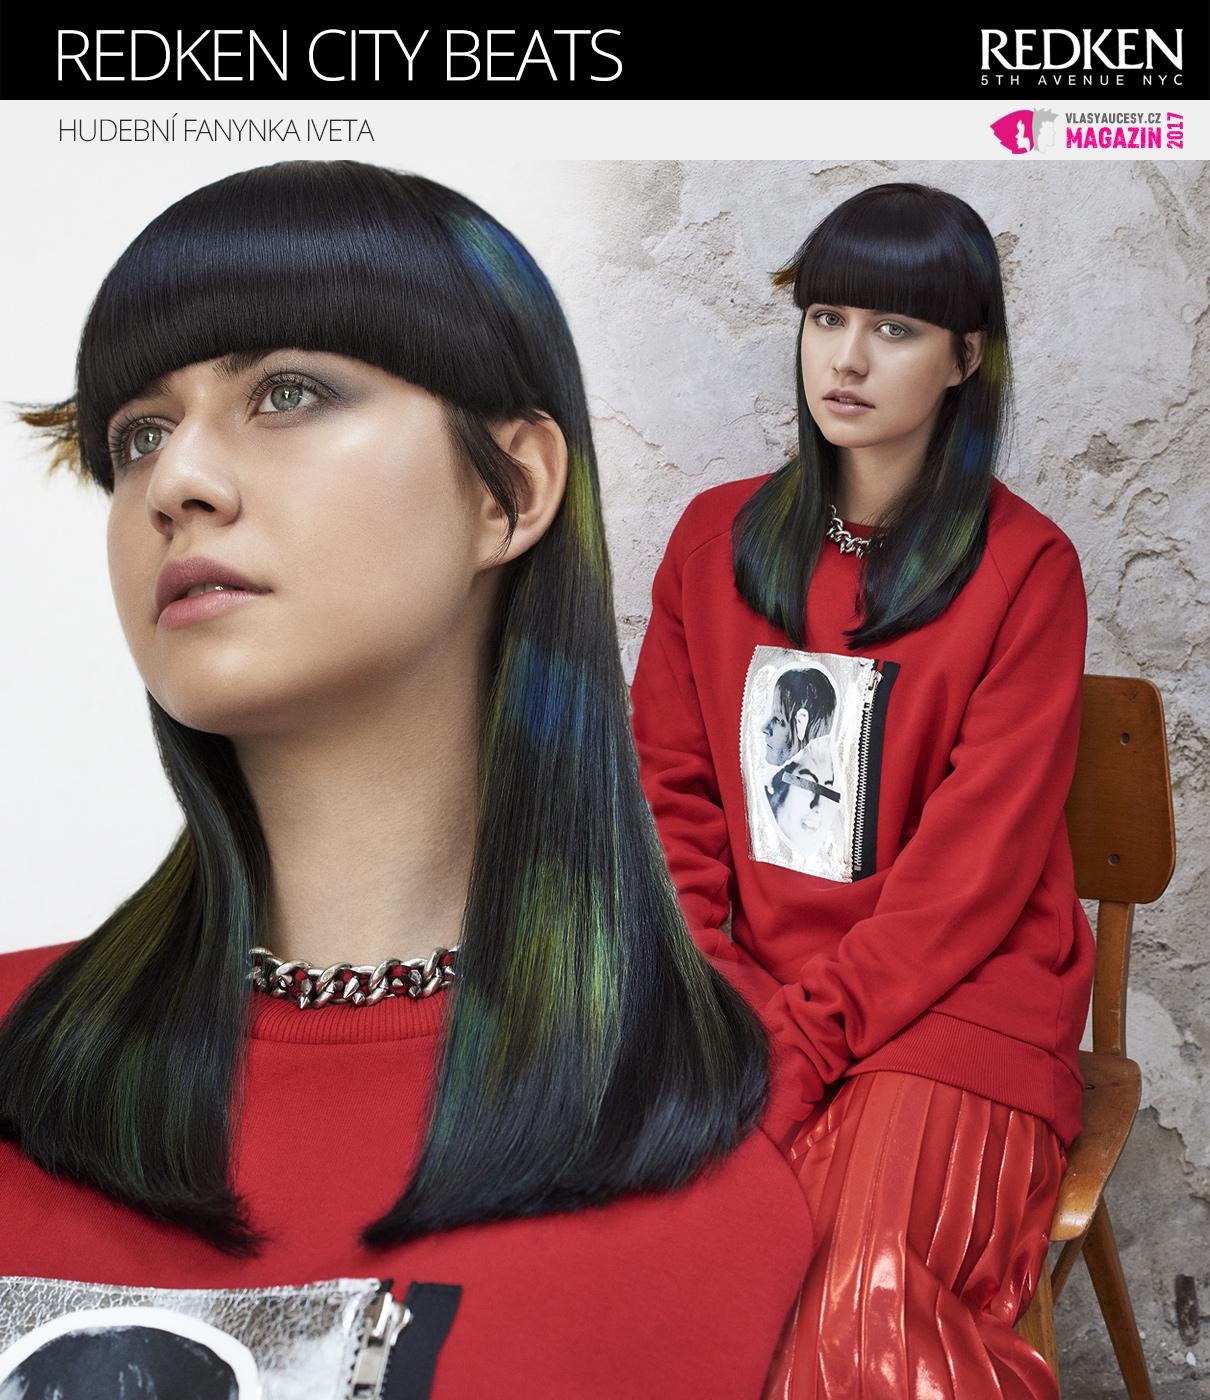 Barevné vlasy City Beats: Účes z nové kolekce Redken od Karla Dražana.